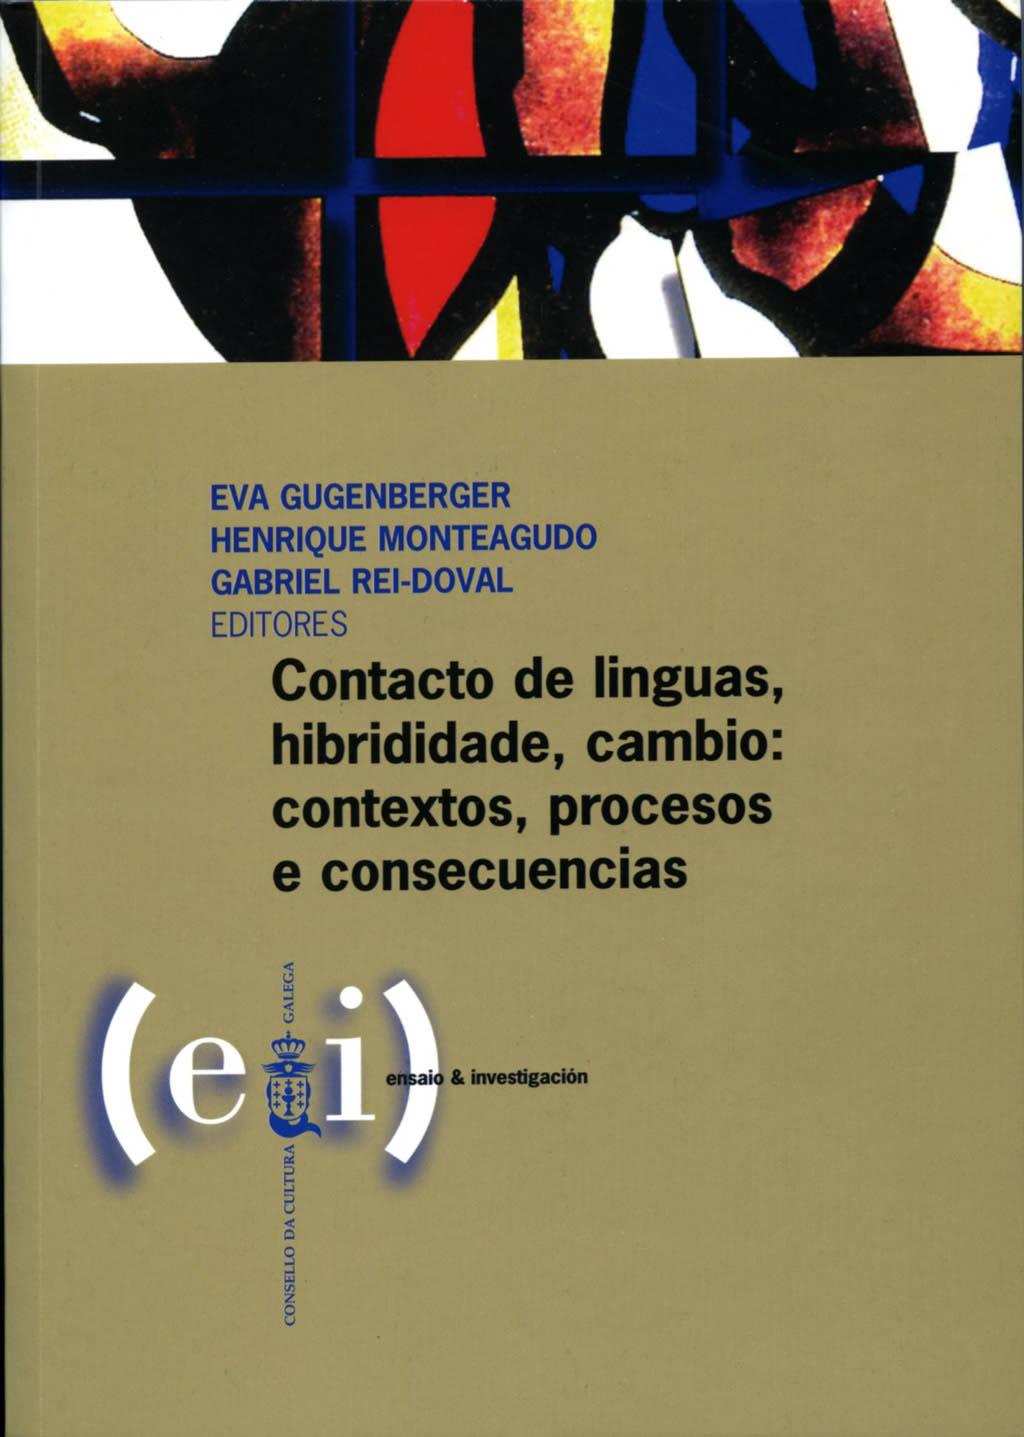 Portada de  Contacto de linguas, hibrididade, cambio